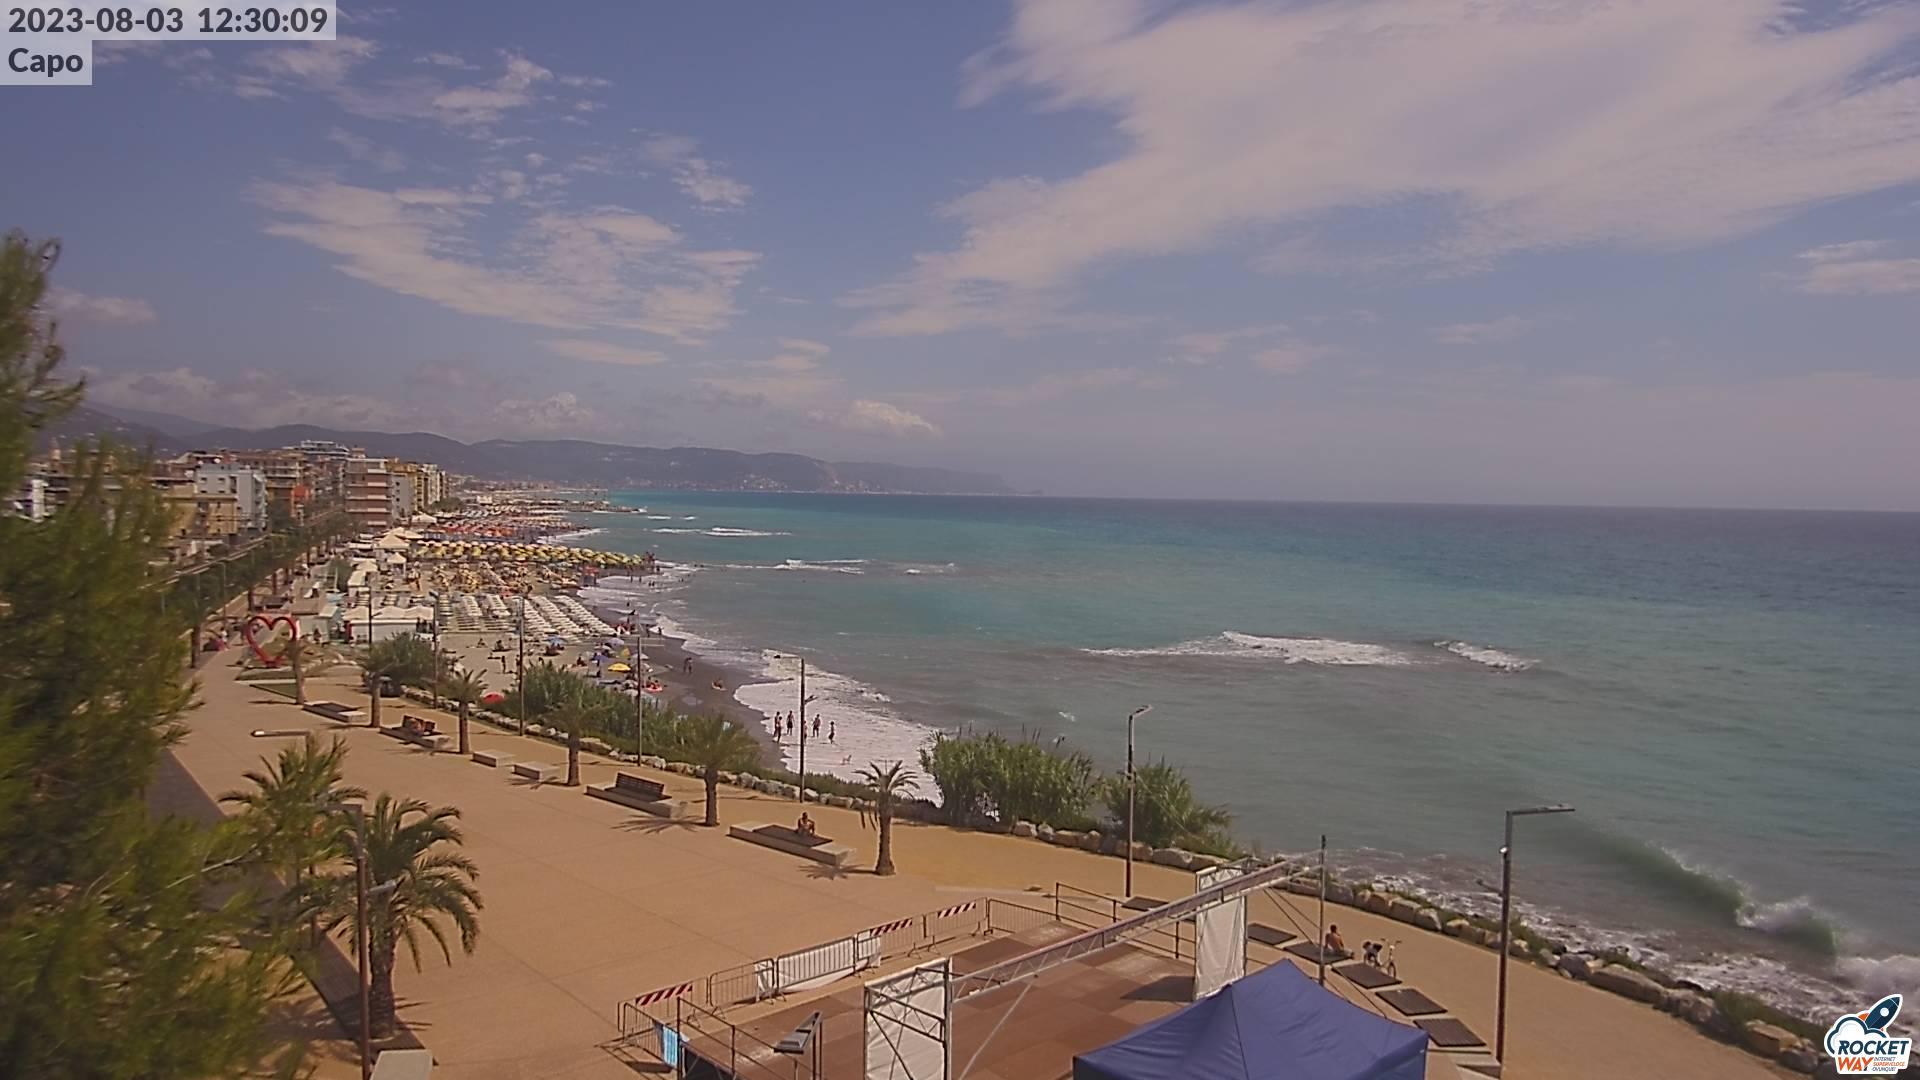 Immagine da webcam posizionata presso l'Approdo turistico